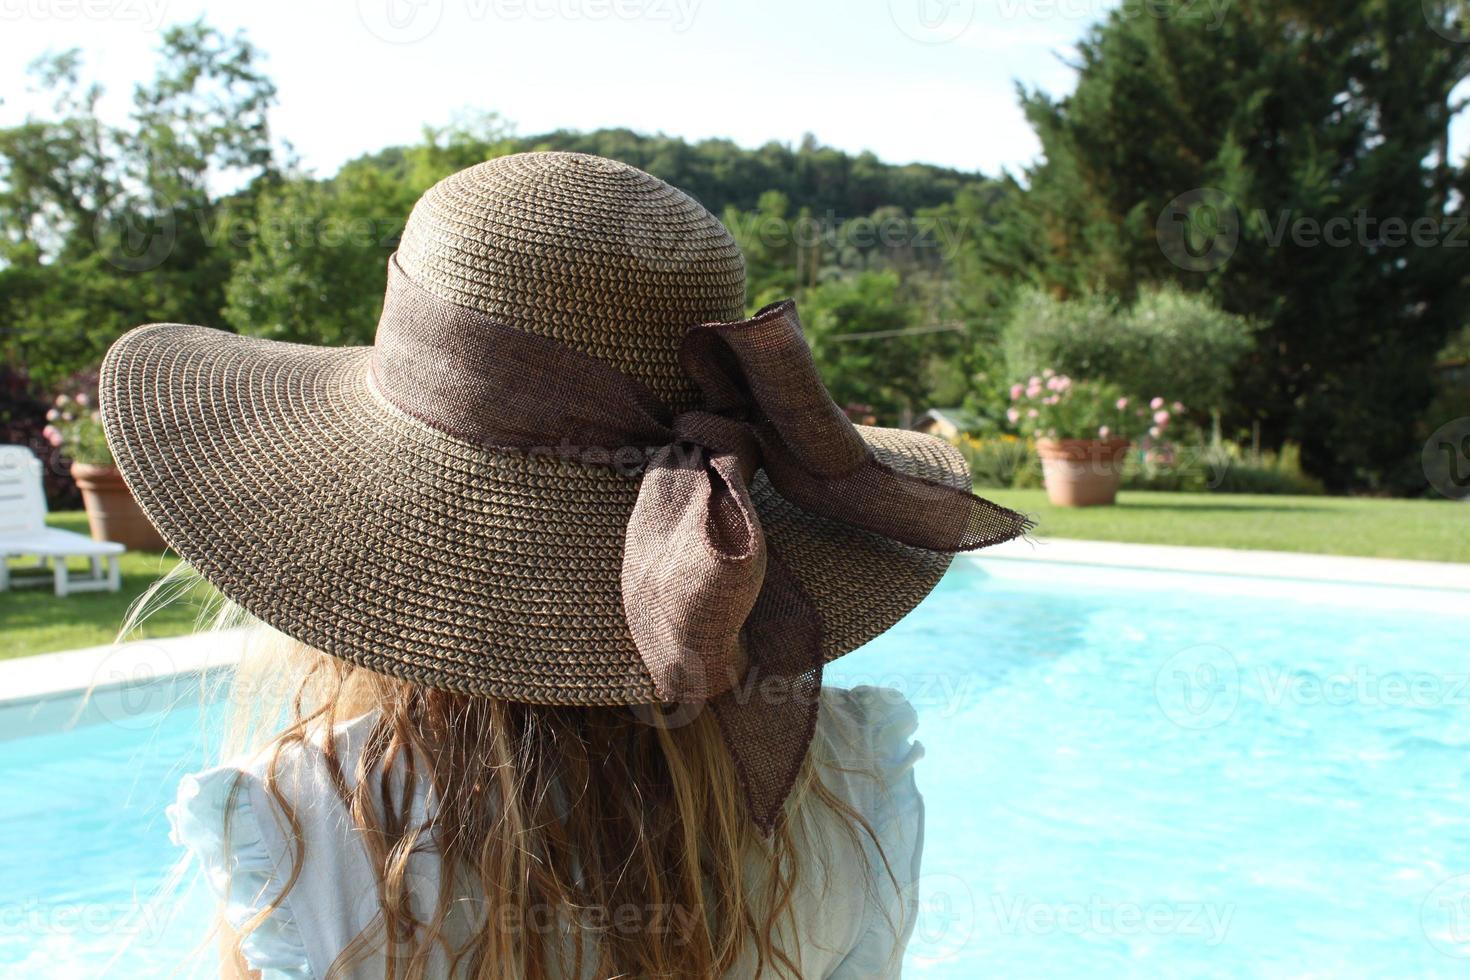 chica de la parte de atrás con sombrero y mirando a una piscina foto